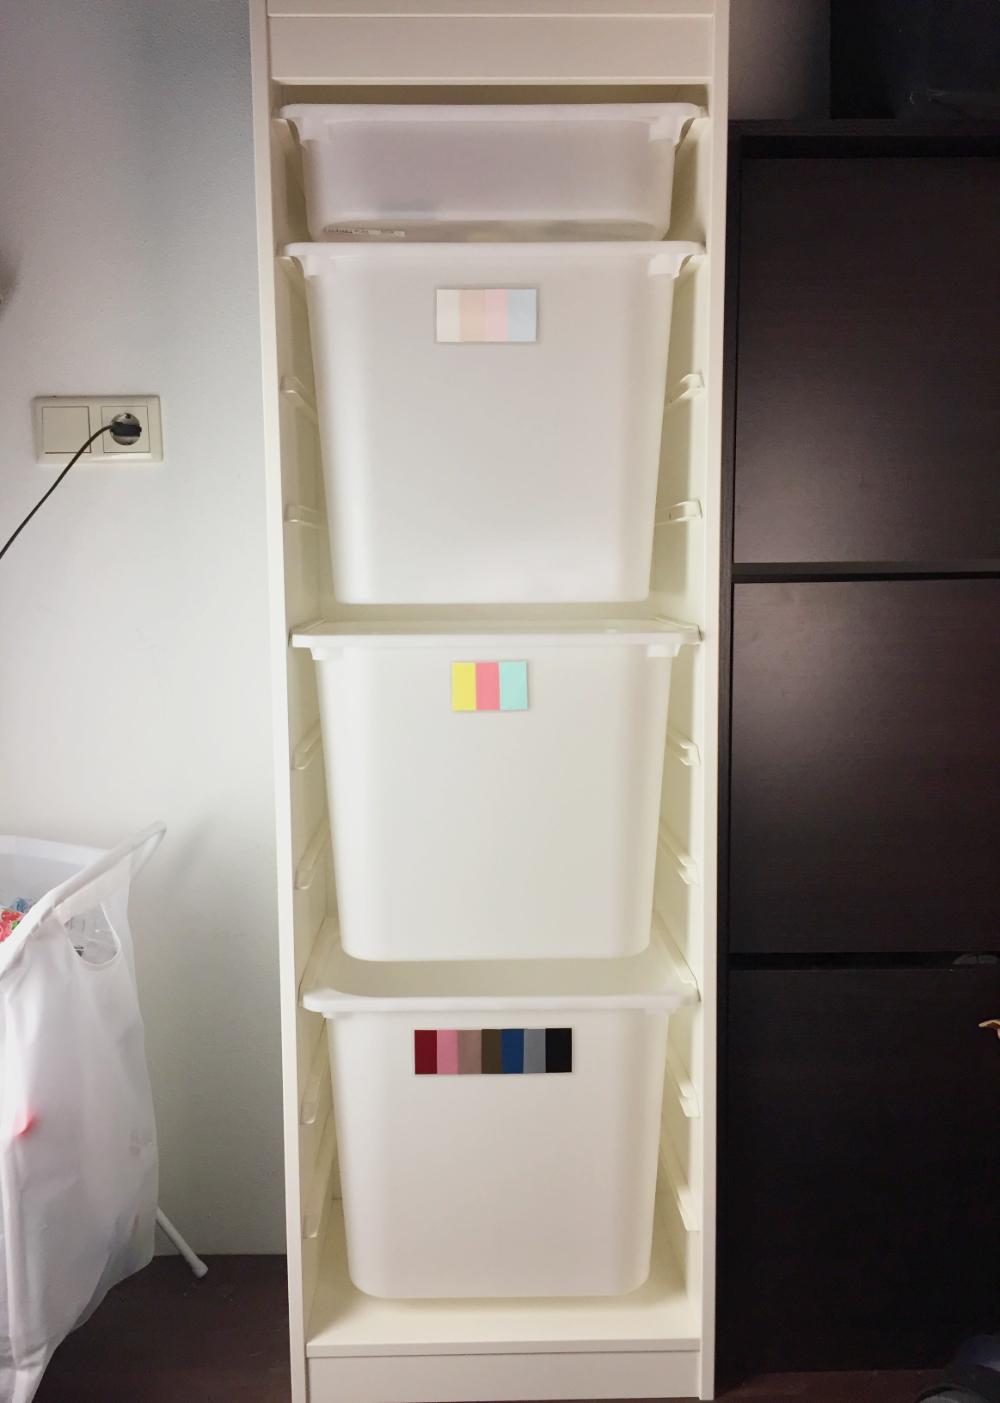 Full Size of Ikea Küche Kosten Sofa Mit Schlaffunktion Aufbewahrungssystem Aufbewahrung Aufbewahrungsbox Garten Kaufen Betten 160x200 Bett Miniküche Wohnzimmer Ikea Hacks Aufbewahrung